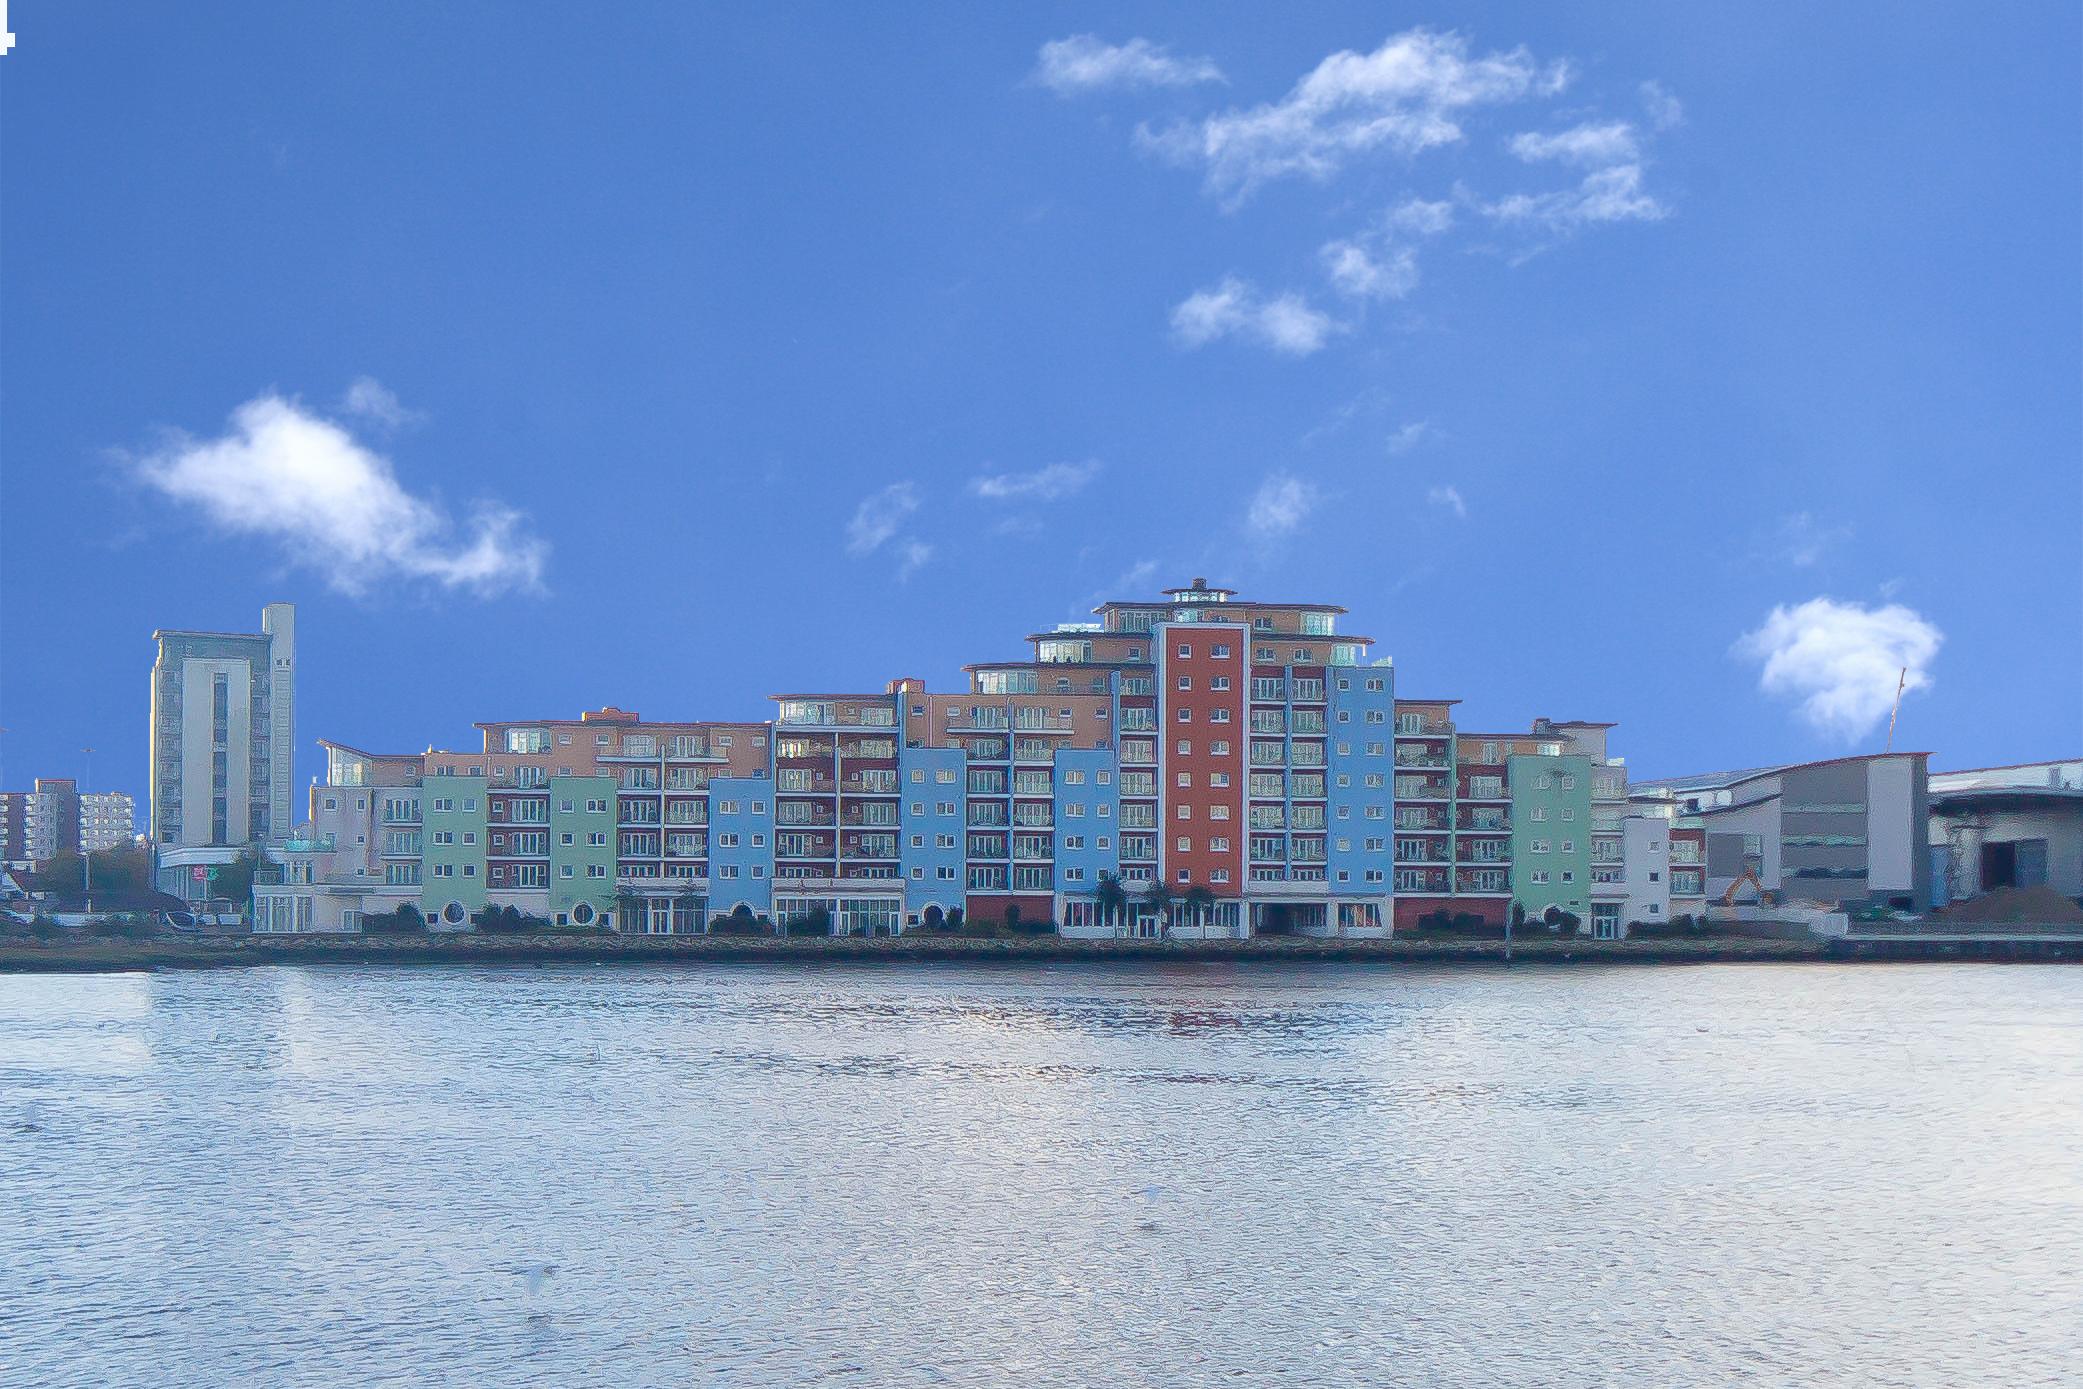 Aqua, Poole